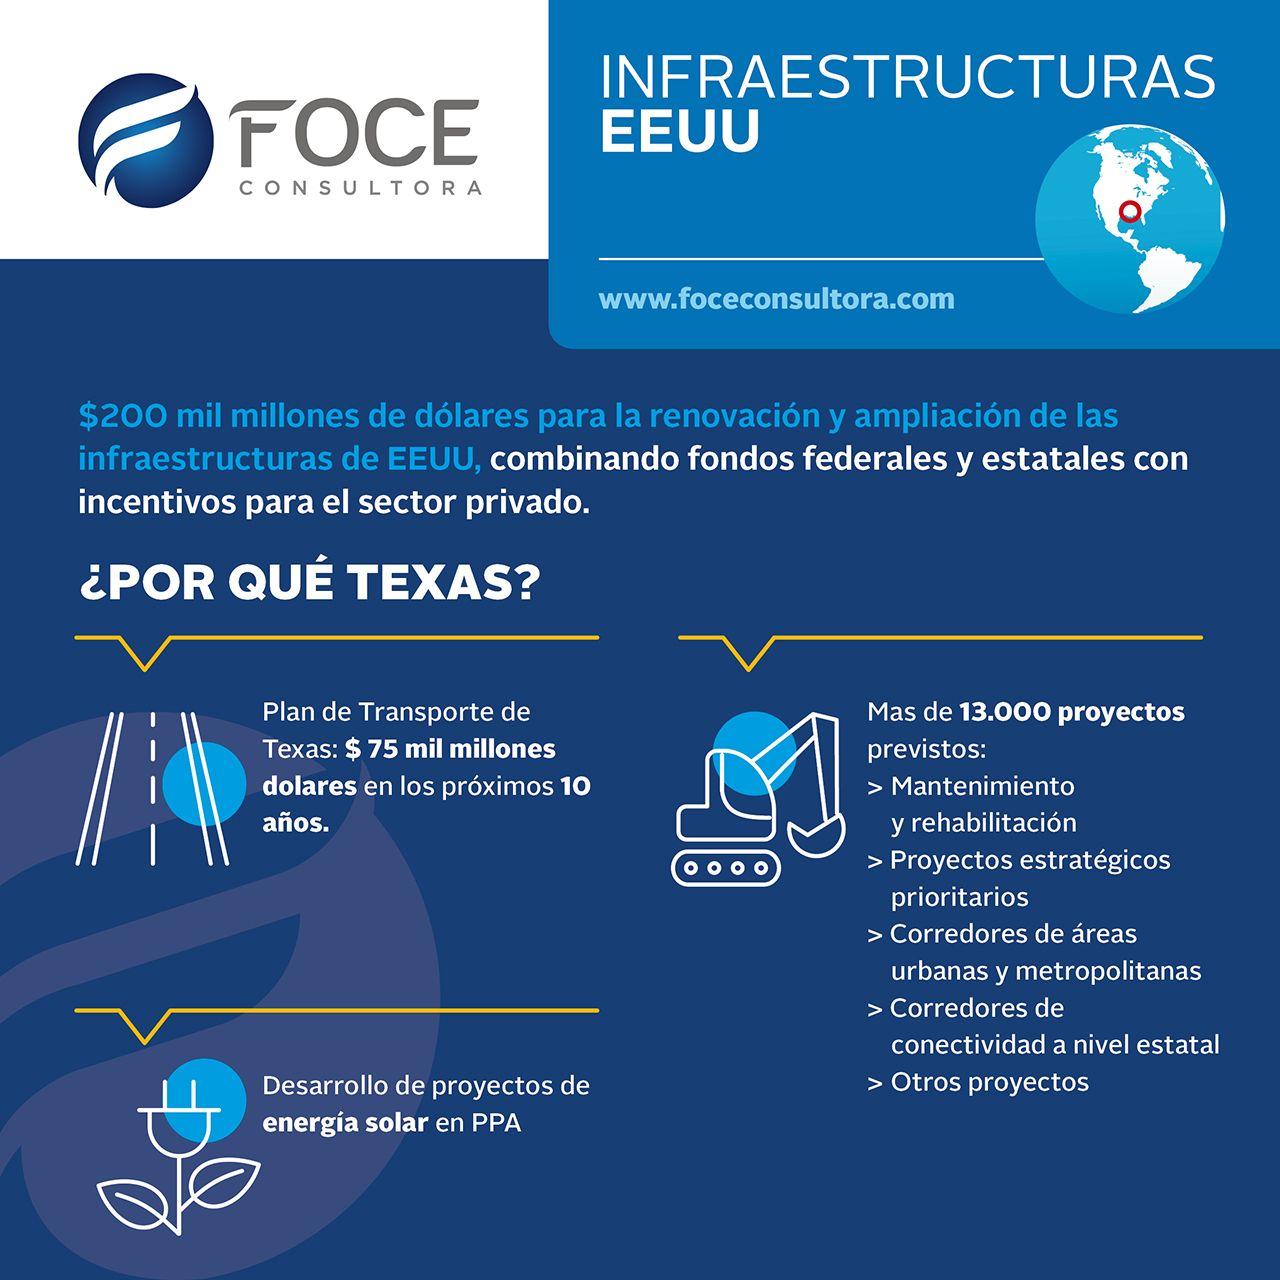 Foto de Infraestructuras EEUU